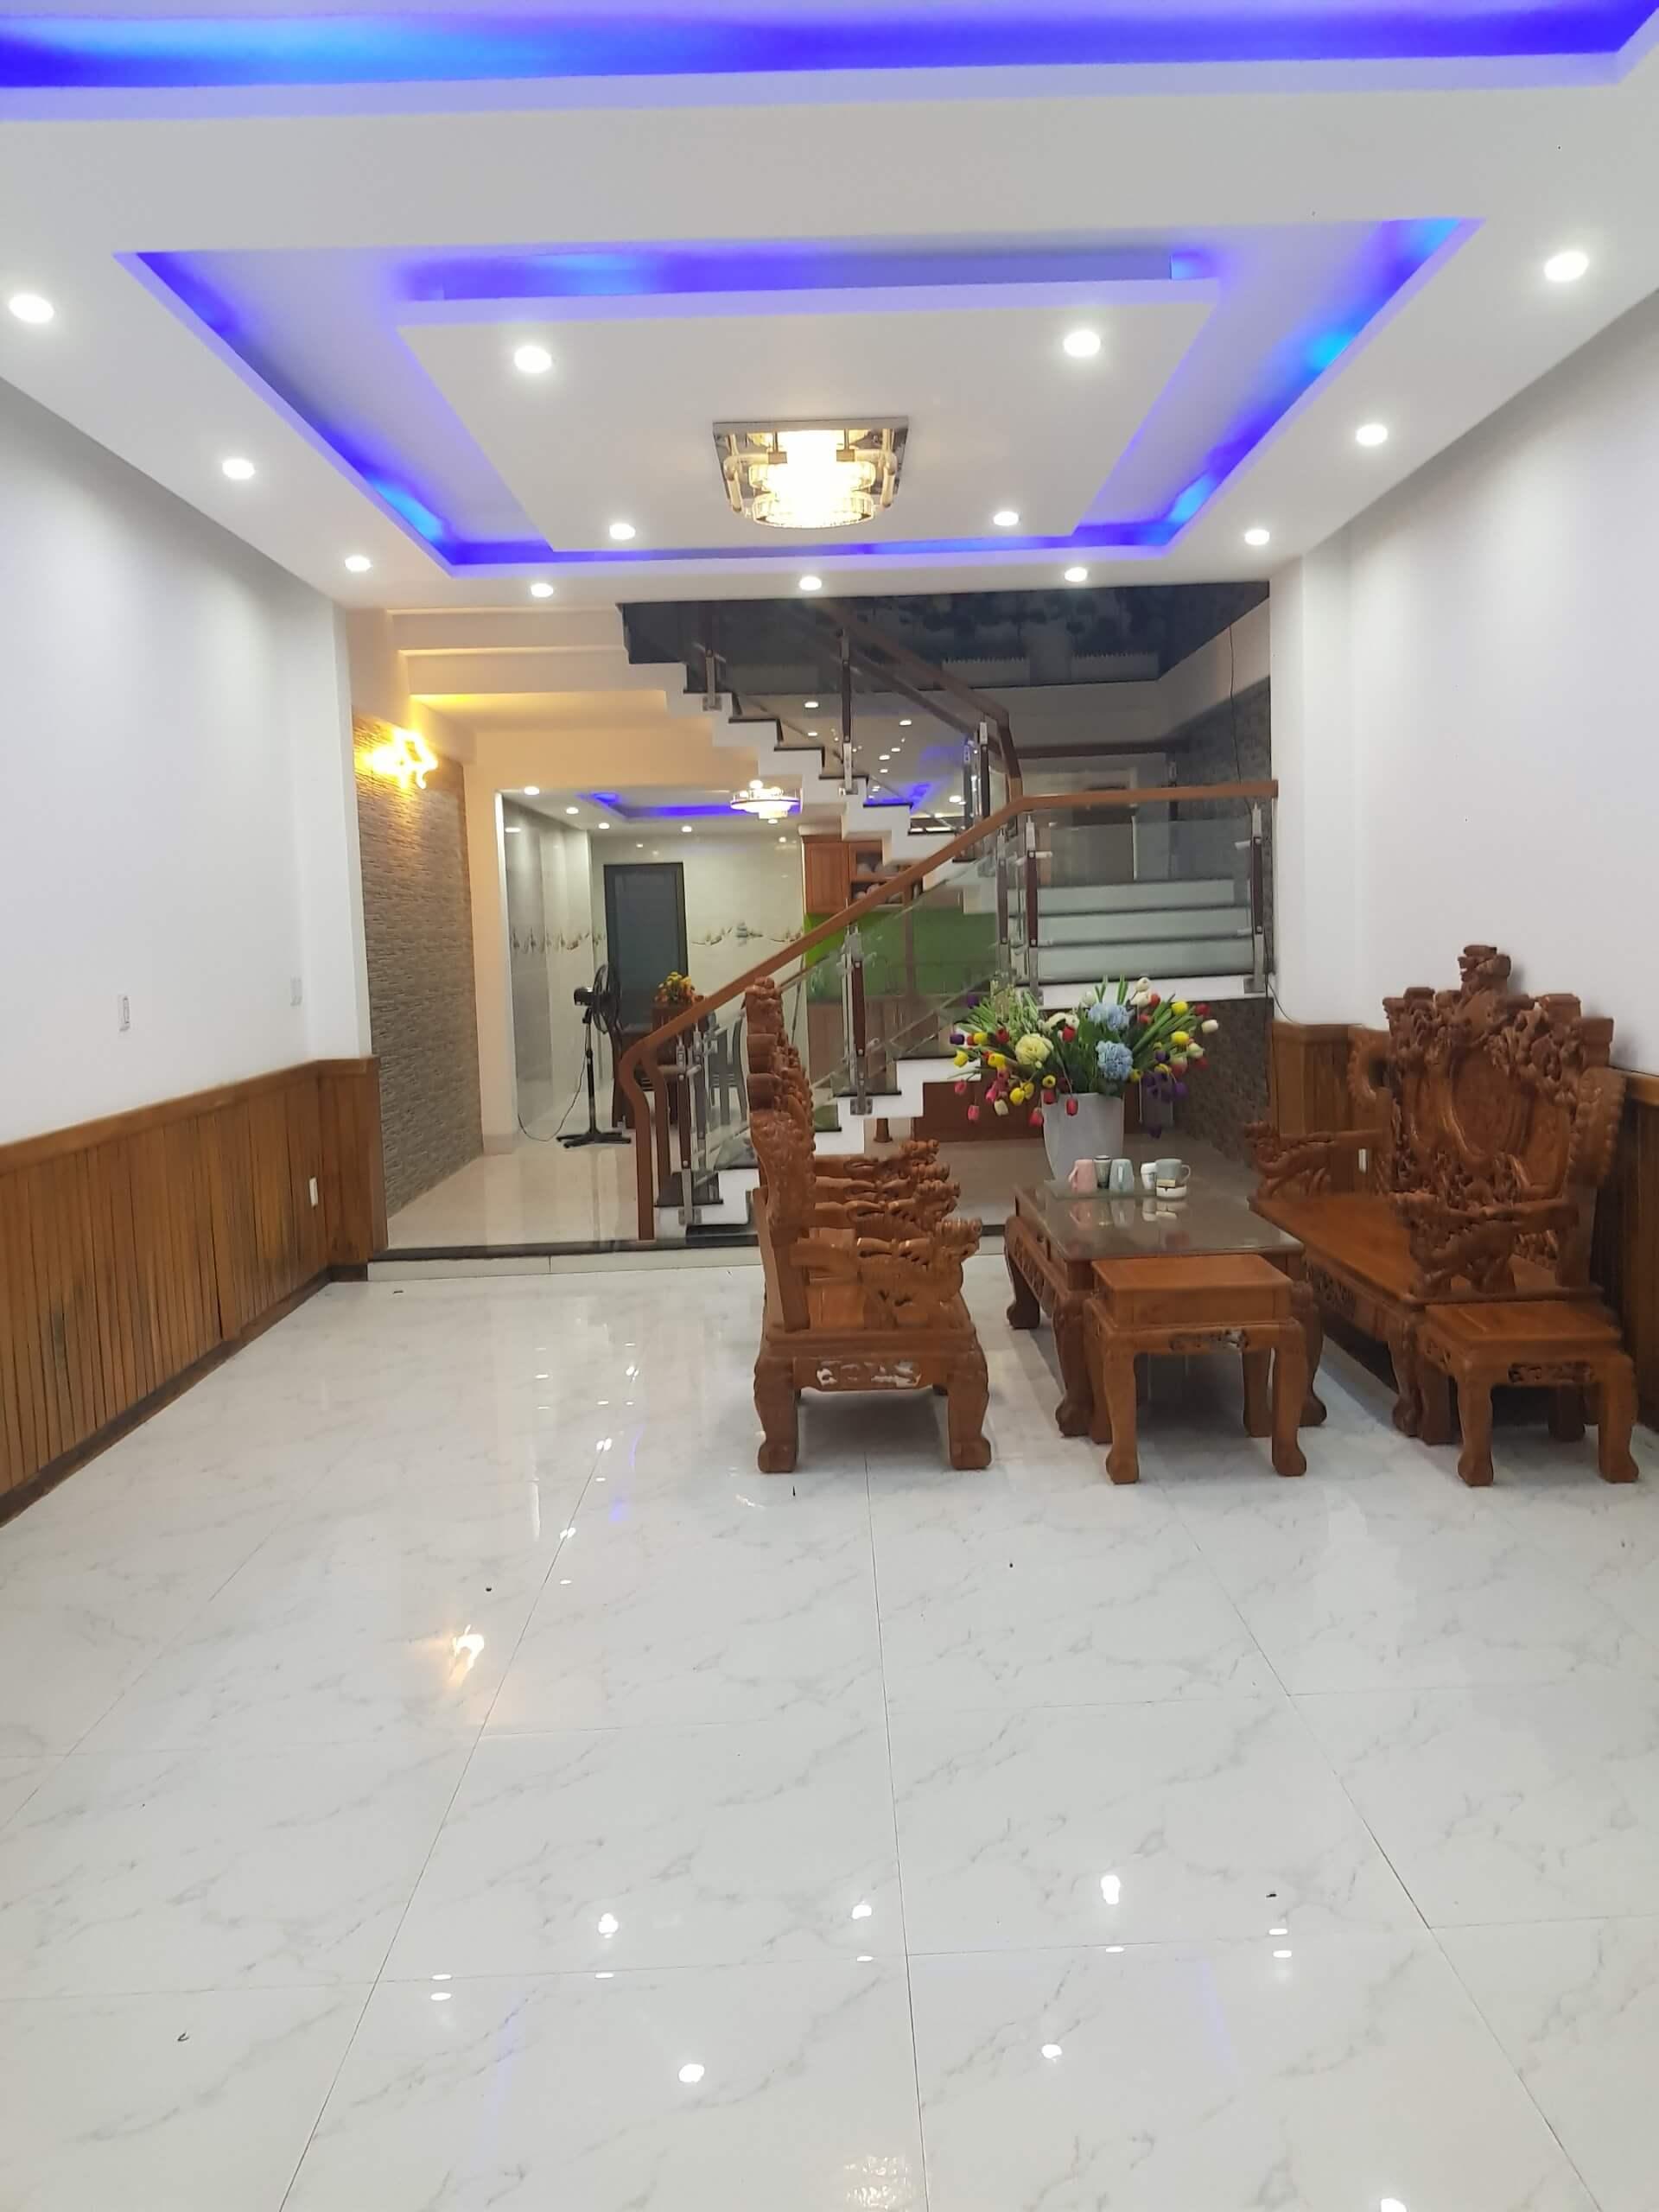 phòng khách nhà đường Đoàn Khuê - Ngũ Hành Sơn - Đà Nẵng